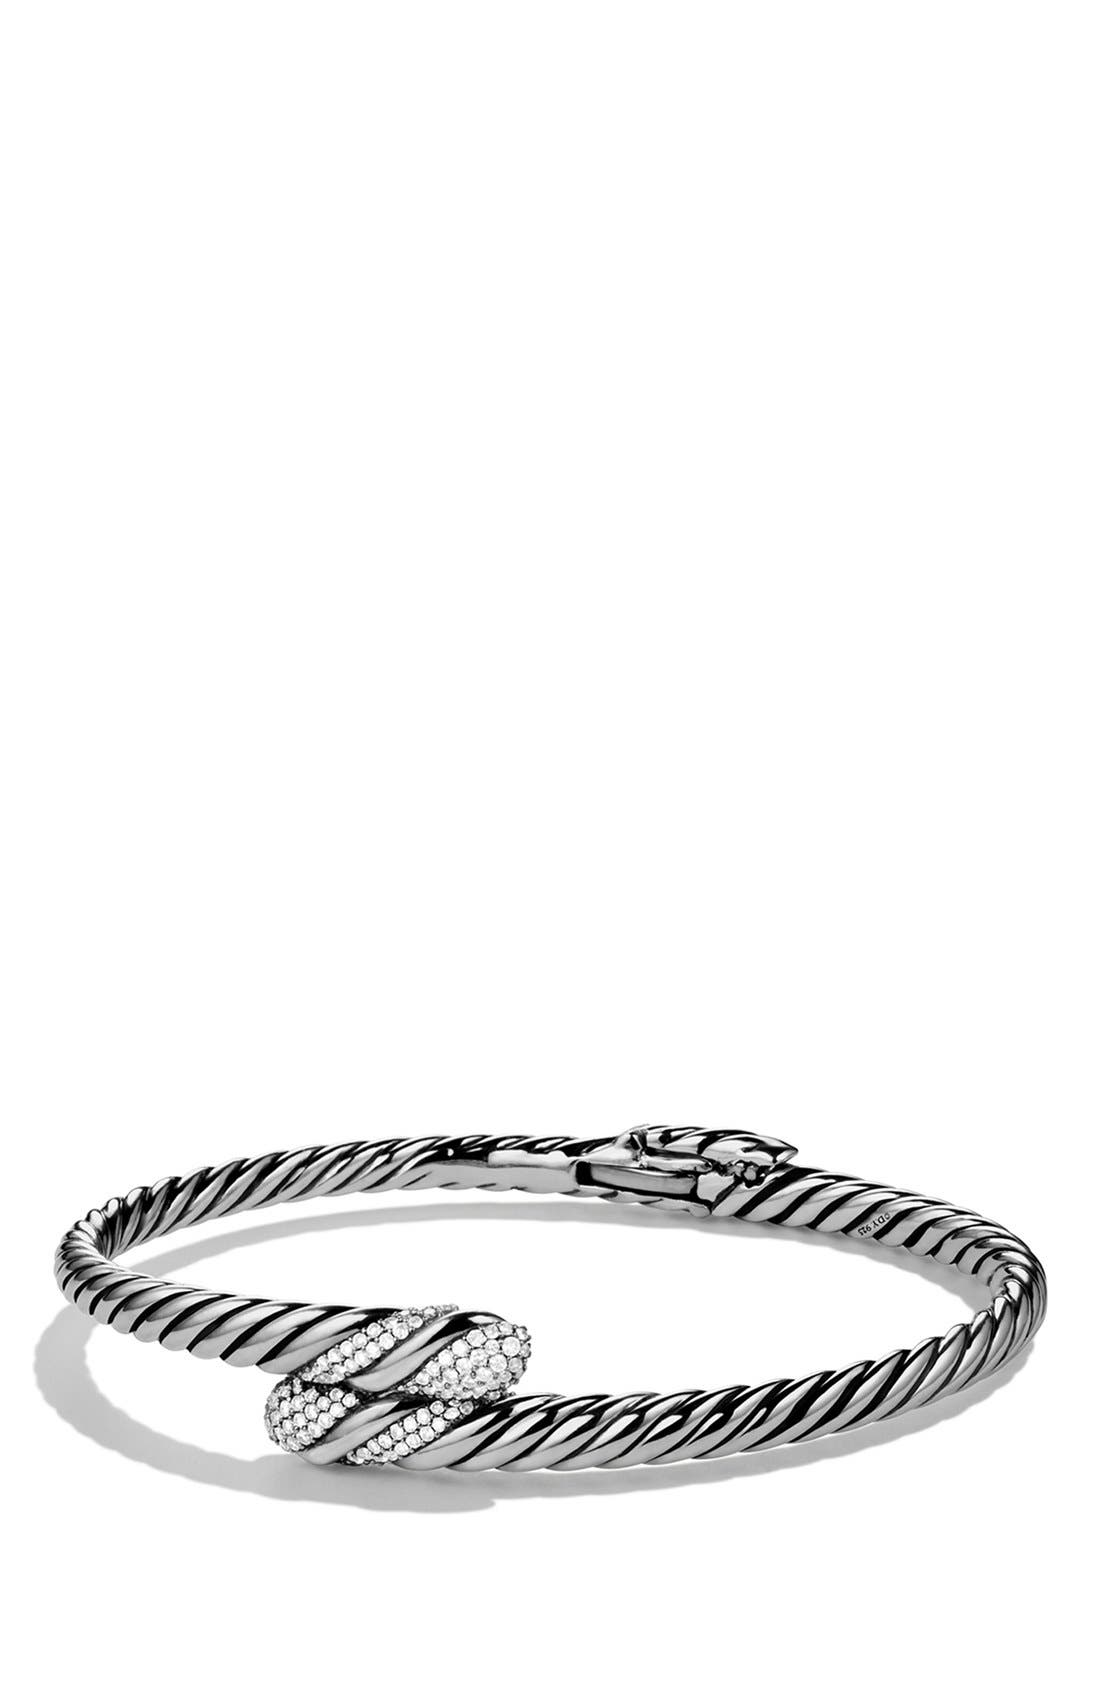 'Willow' Single Row Bracelet with Diamonds,                         Main,                         color, Diamond